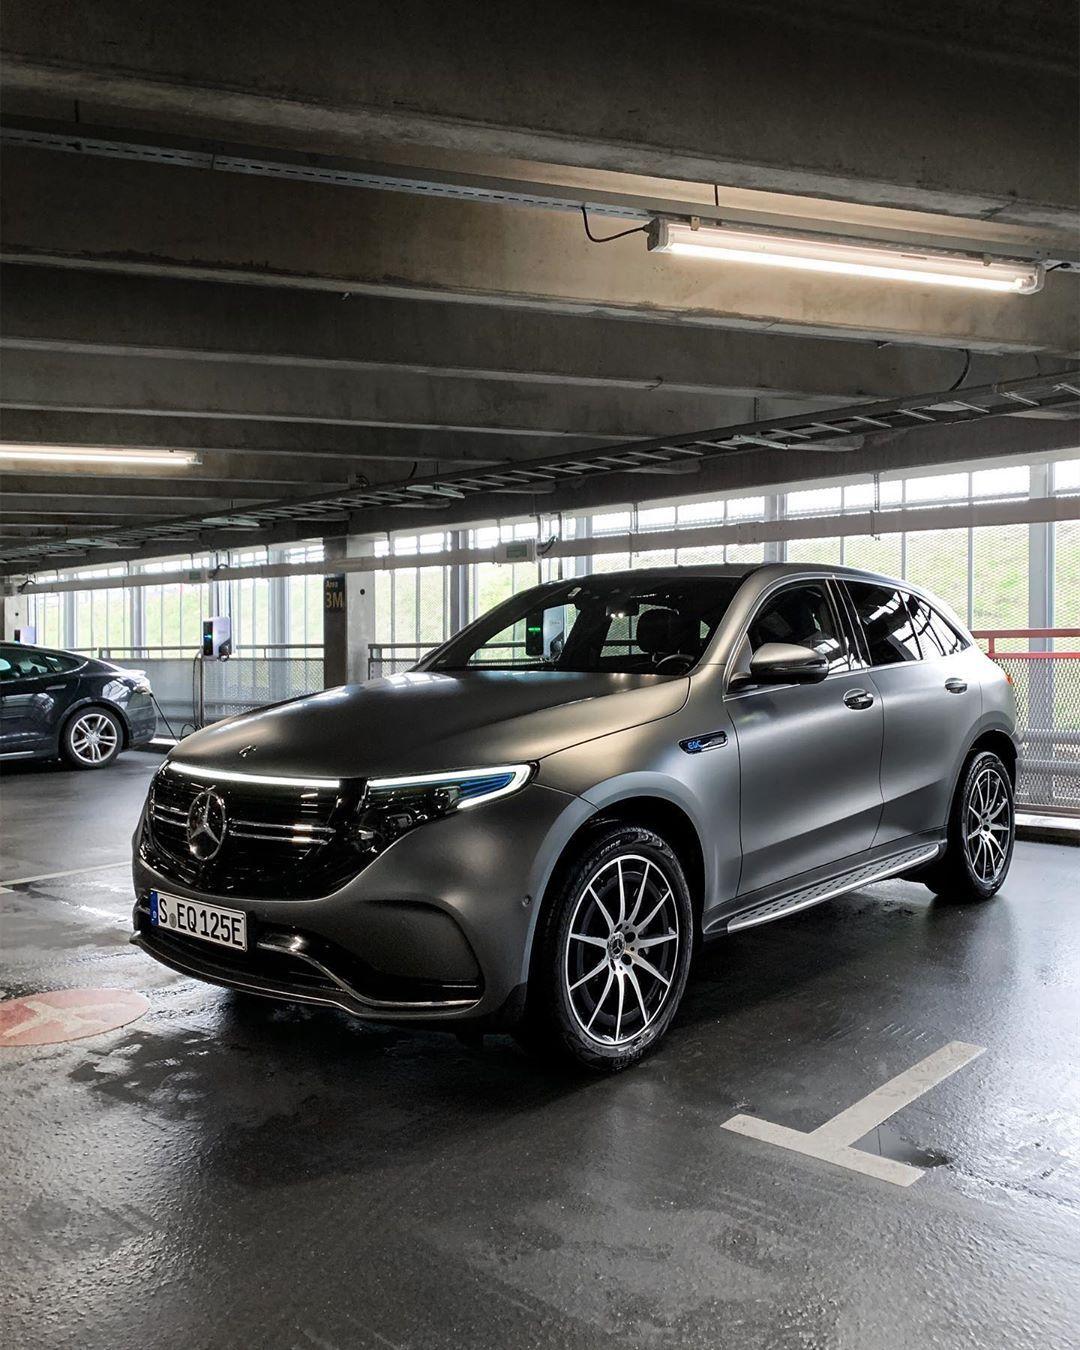 Eq Design Languag Mercedes Benz Suv Mercedes Car Mercedes Benz Cars